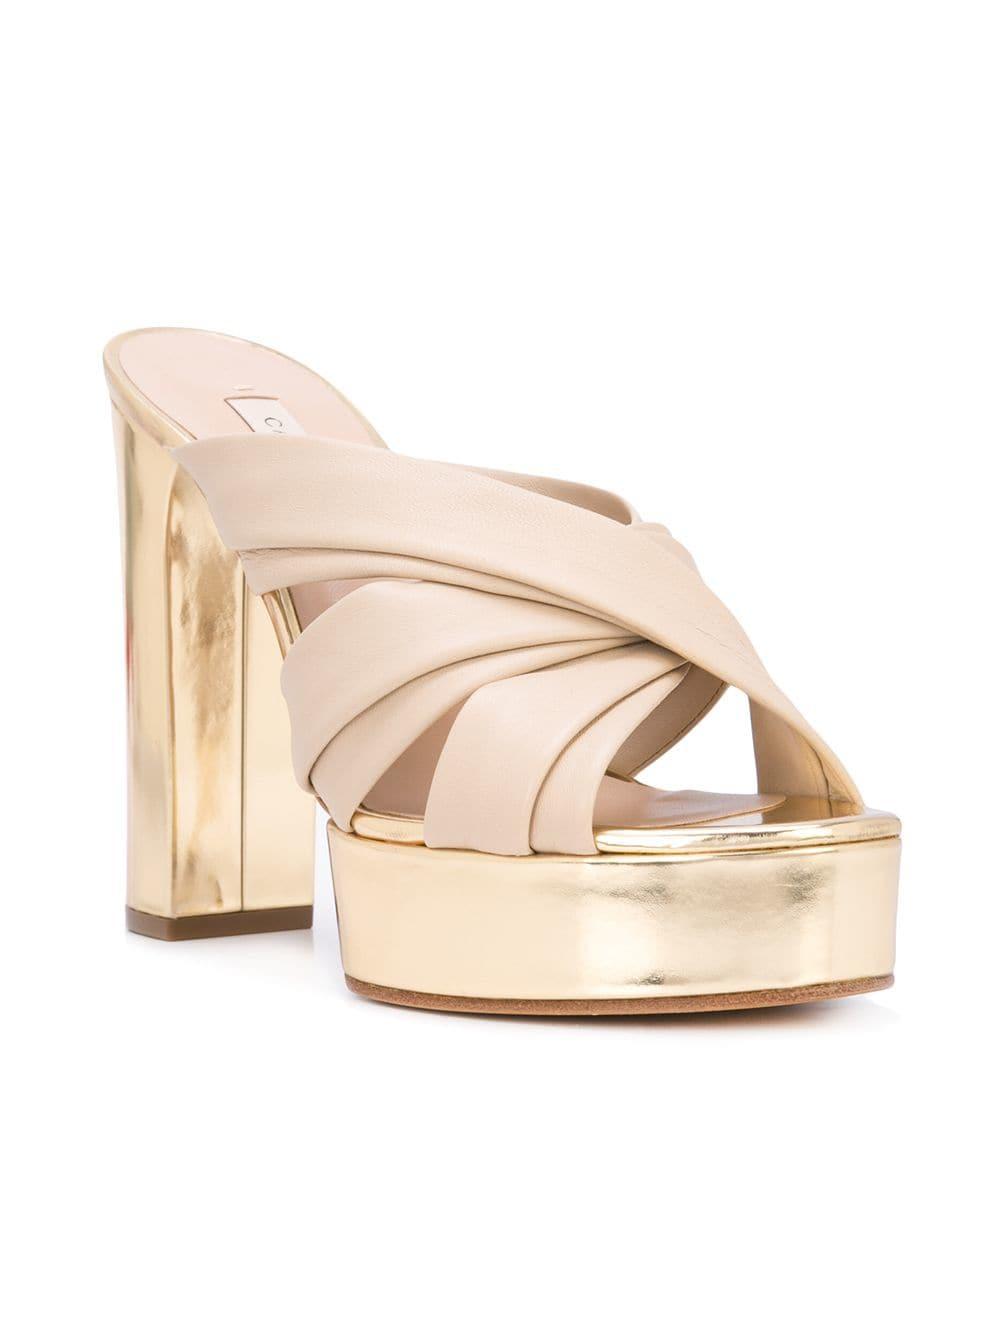 304af91b02 Lyst - Casadei Platform Slip-on Sandals in Natural